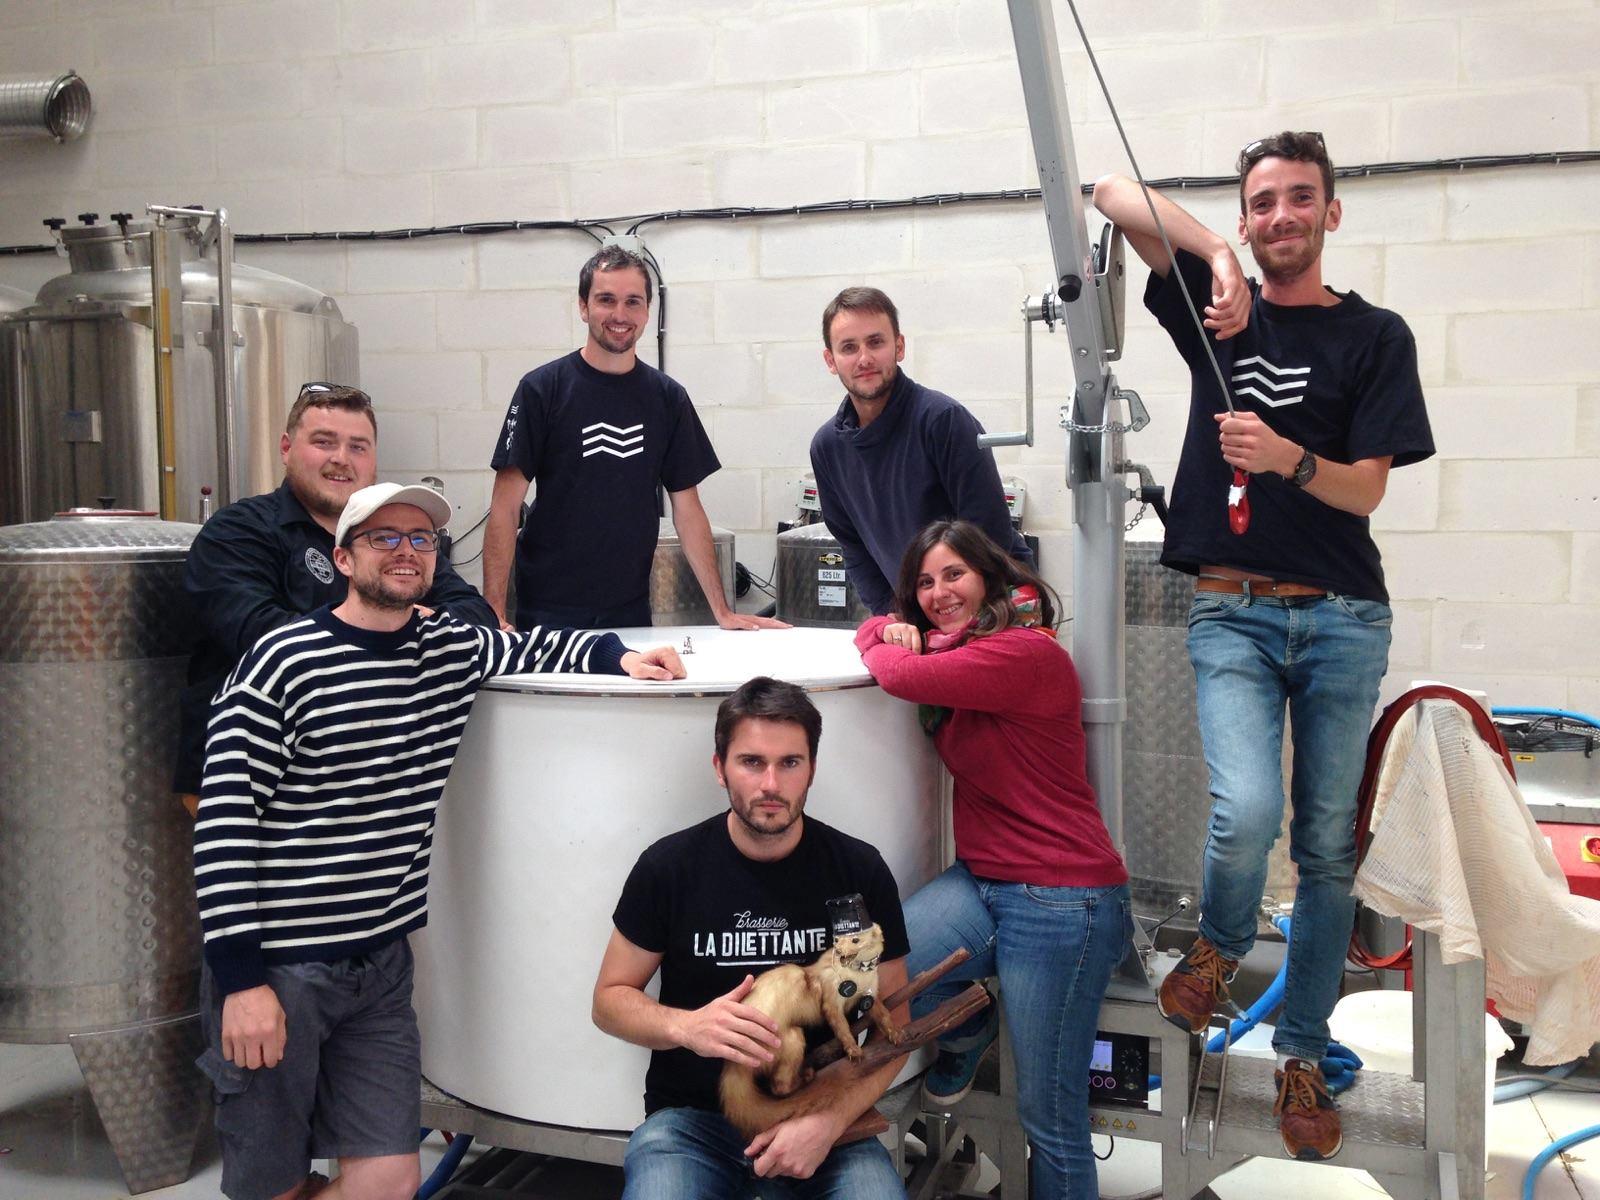 Une nouvelle bière collaborative à la brasserie La Dilettante